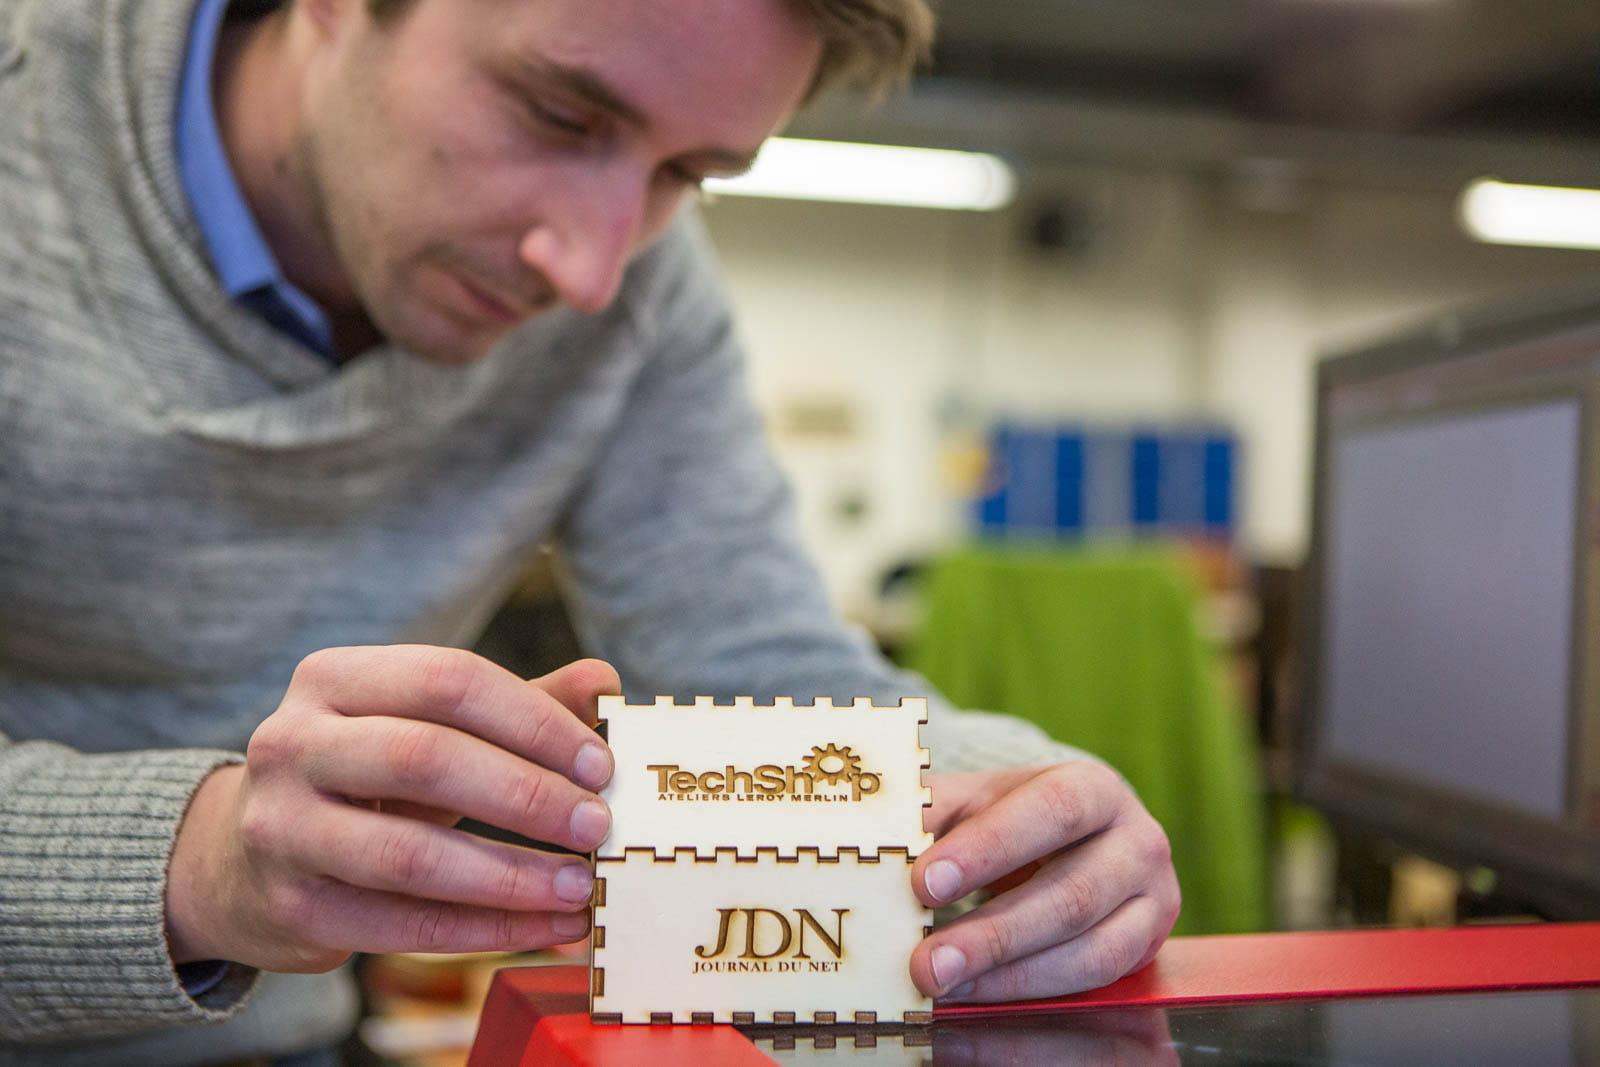 6 d coupes laser 8 imprimantes 3d techshop leroy merlin la nouvelle salle de sport des - Techshop leroy merlin ...